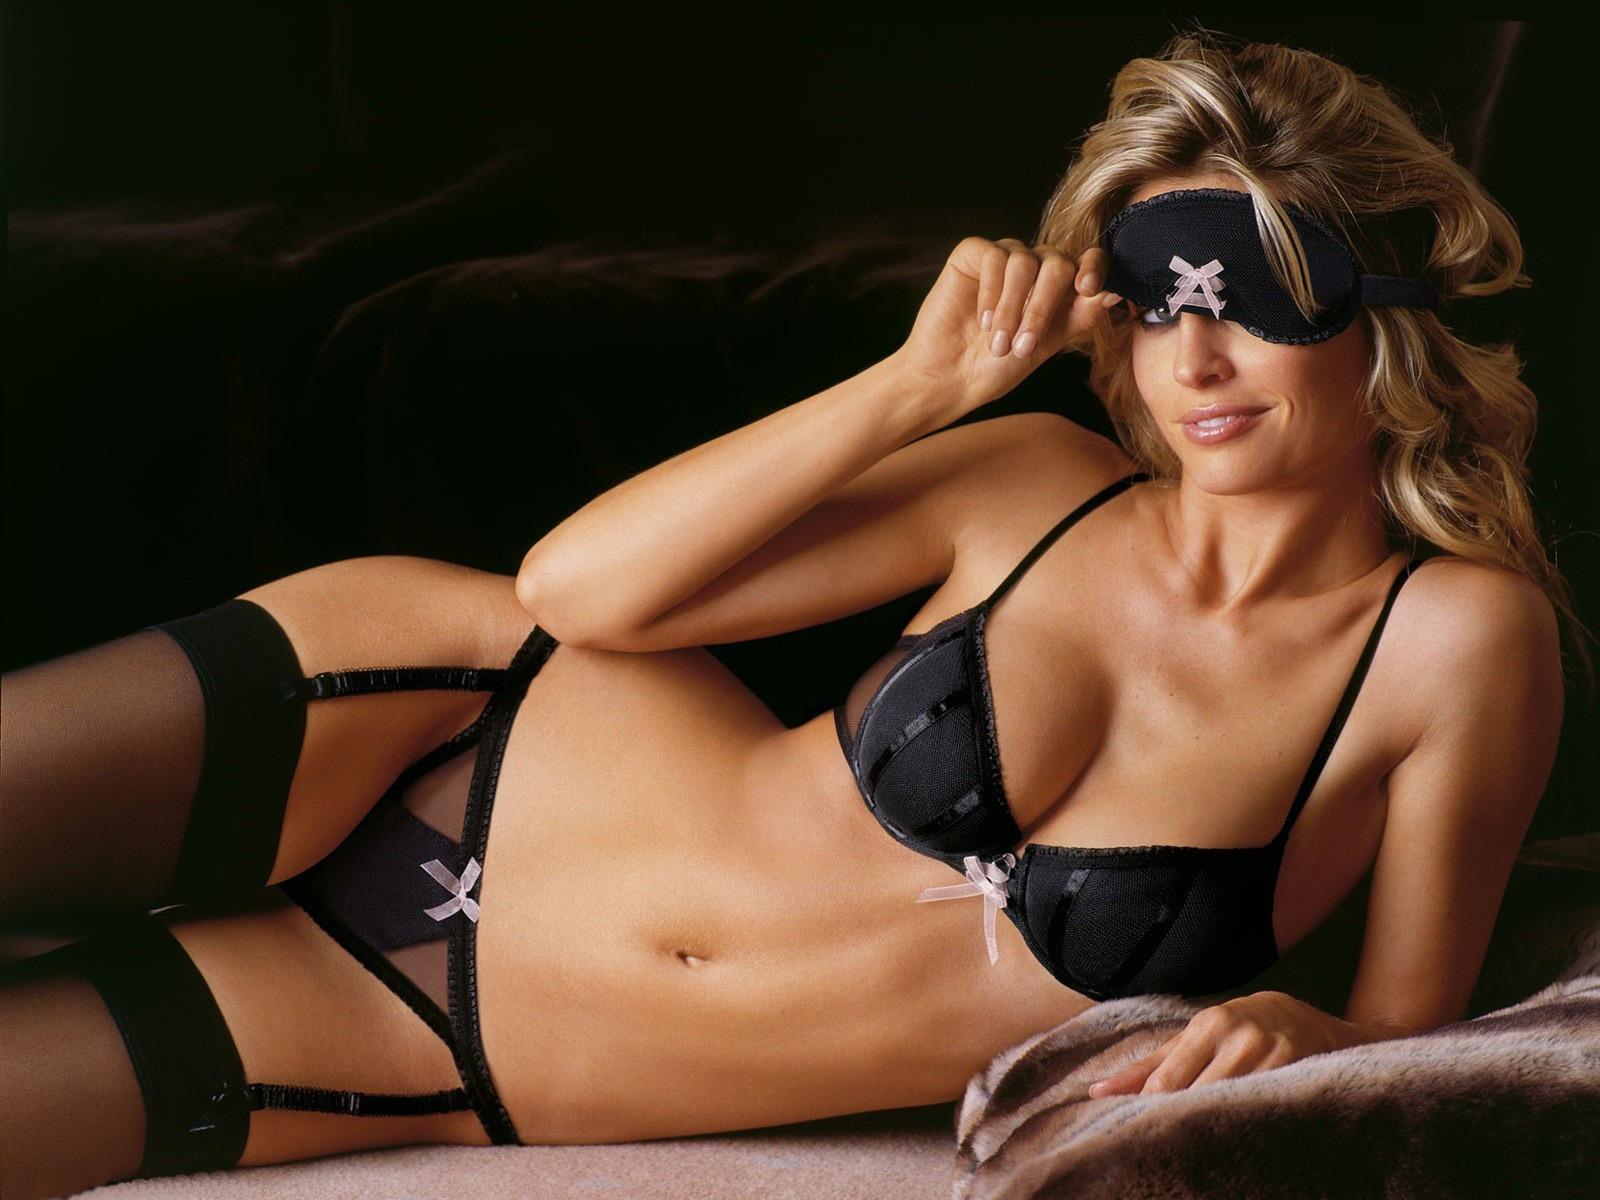 http://1.bp.blogspot.com/-n8oE1YJUesM/T22Fbem1UnI/AAAAAAAAFIw/APHJ8ZizhUI/s1600/thumb-BulkJar.comBulkJar.com+best-top-girls-hot-babes-wallpaper-sexy-babes-wallpapers-hd-13+BulkJar.comBulkJar.com.jpg